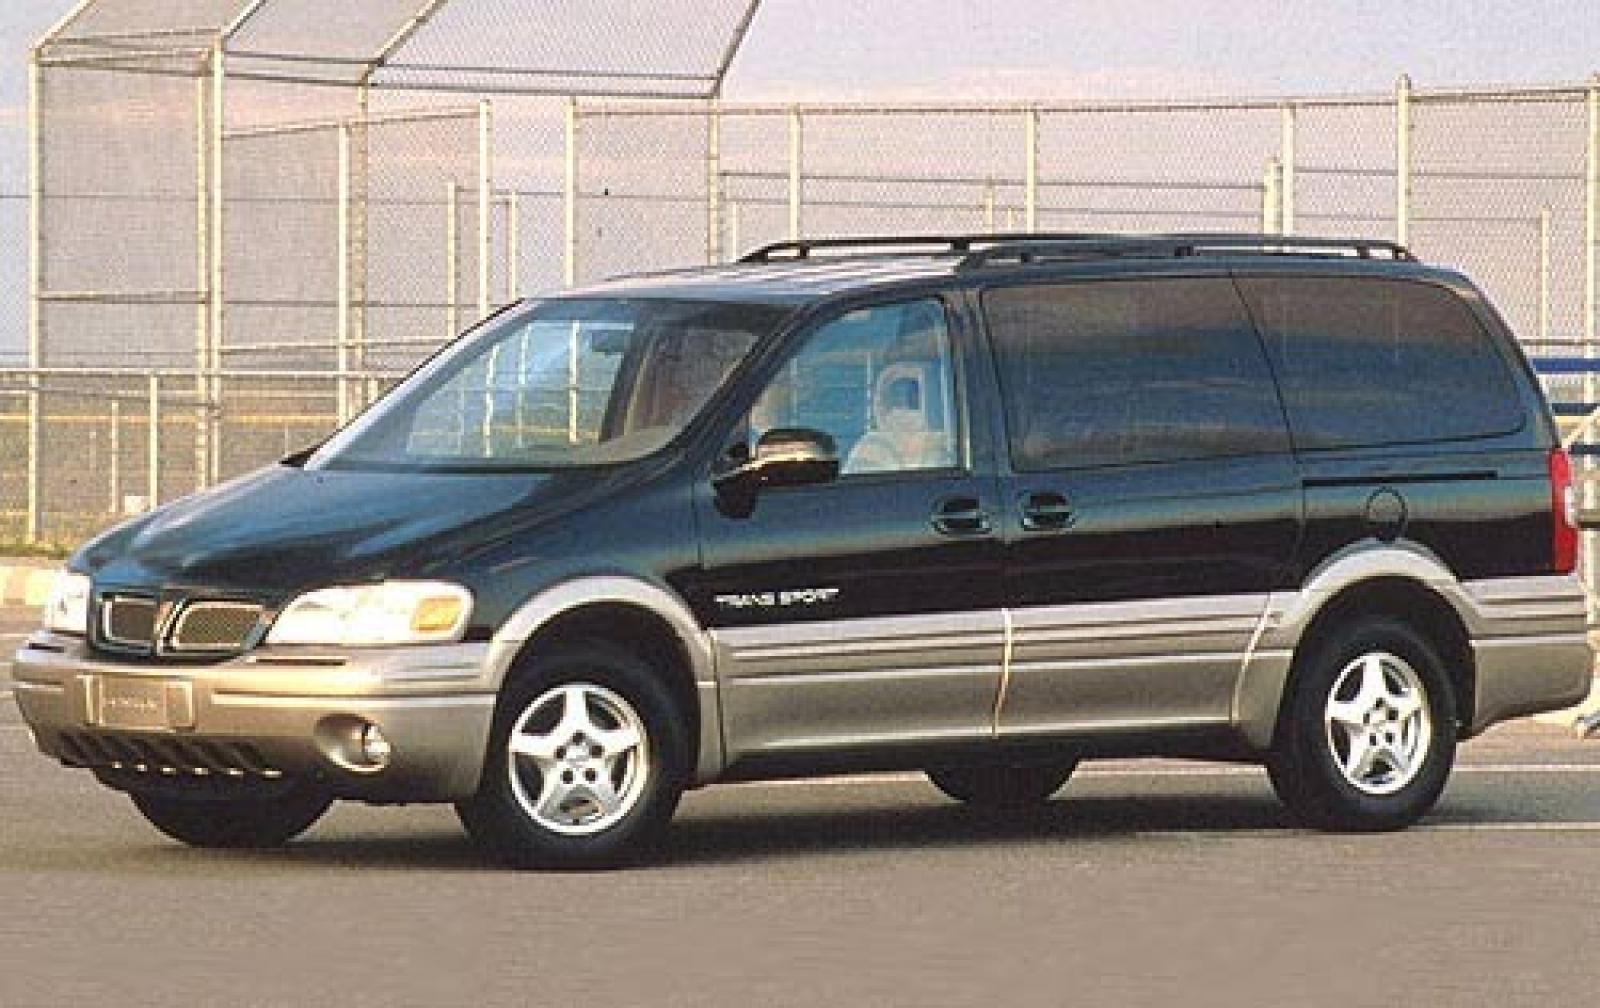 1998 pontiac trans sport 1 800 1024 1280 1600 origin